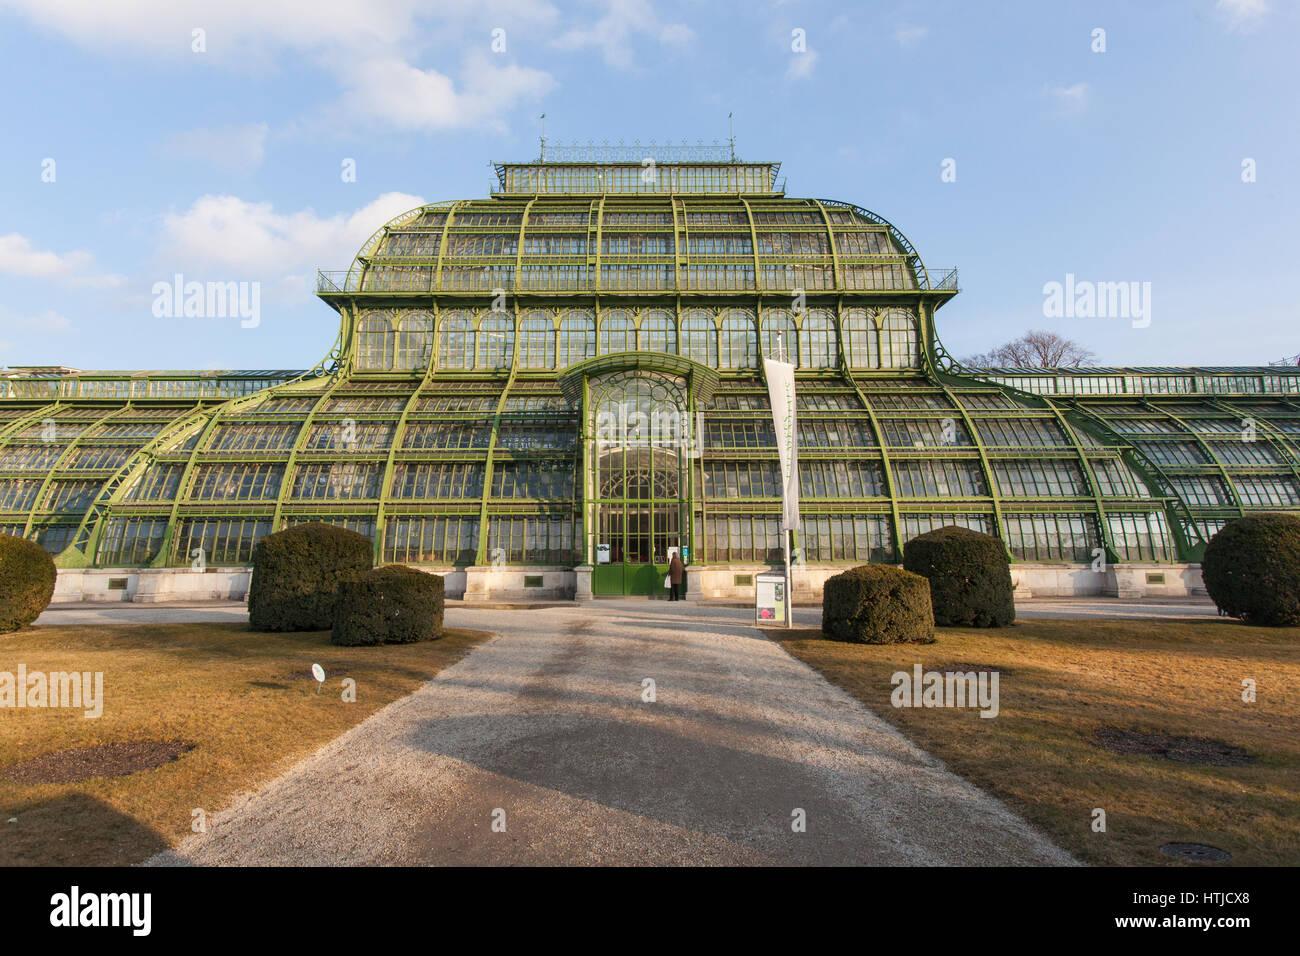 La Casa de las palmeras o Palmenhaus en los jardines del palacio de Schönbrunn, Viena, Austria. Imagen De Stock